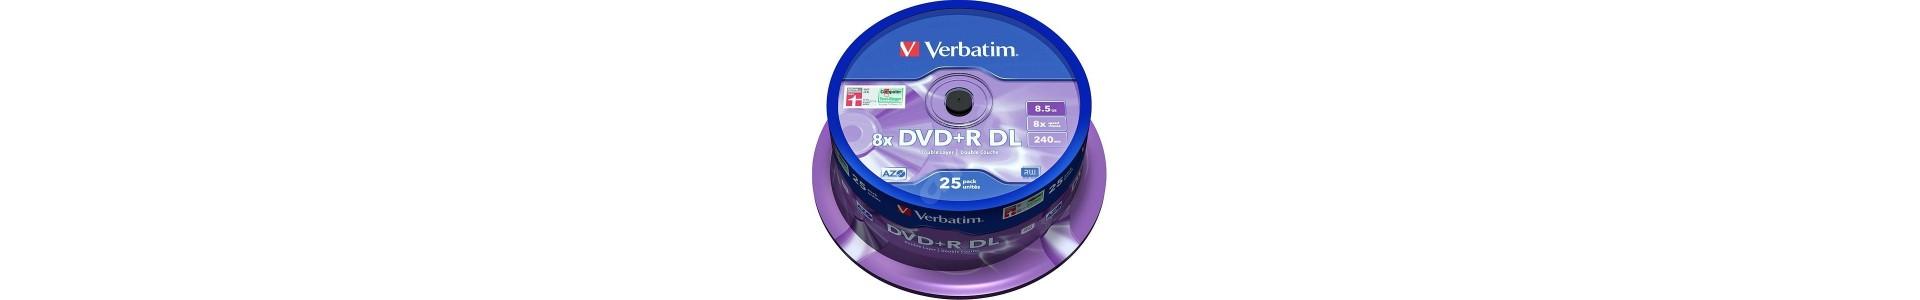 CDs | DVDs